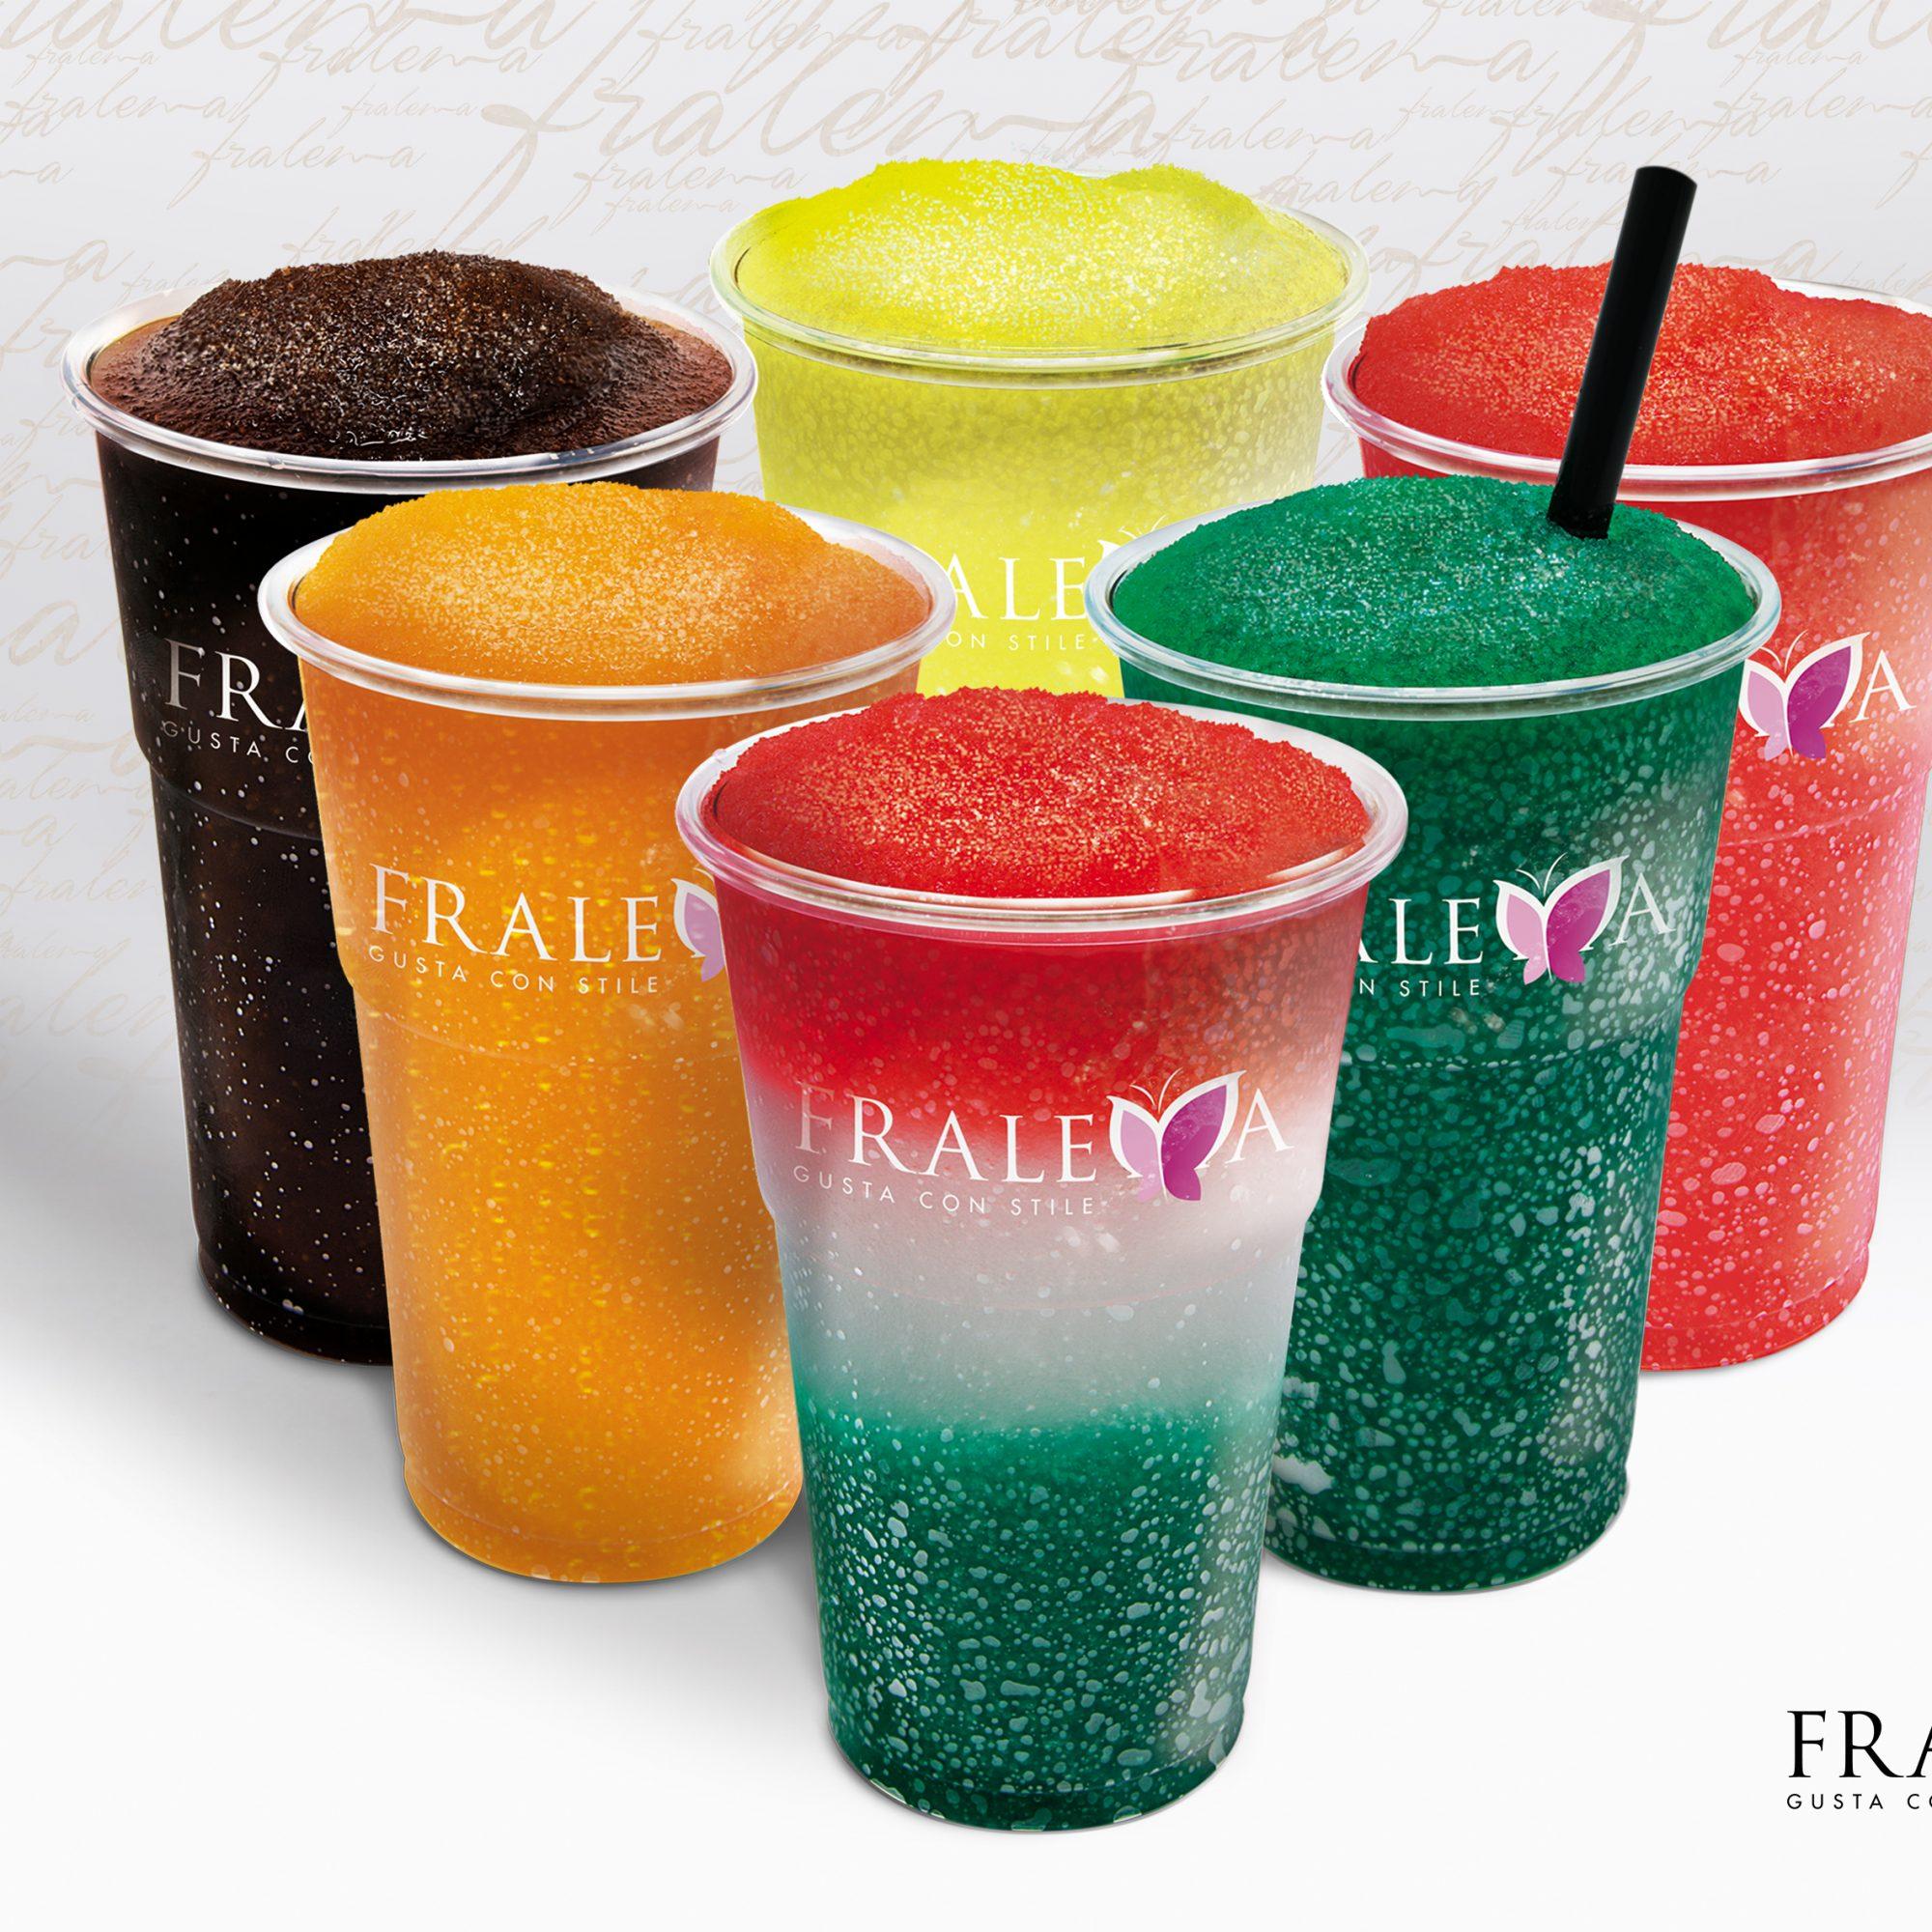 fralema_prodotti per la caffetteria_i freddi_granita limone_arancia_menta_mandarino_fragola_amarena_anguria_ frutti bosco_melone_cola